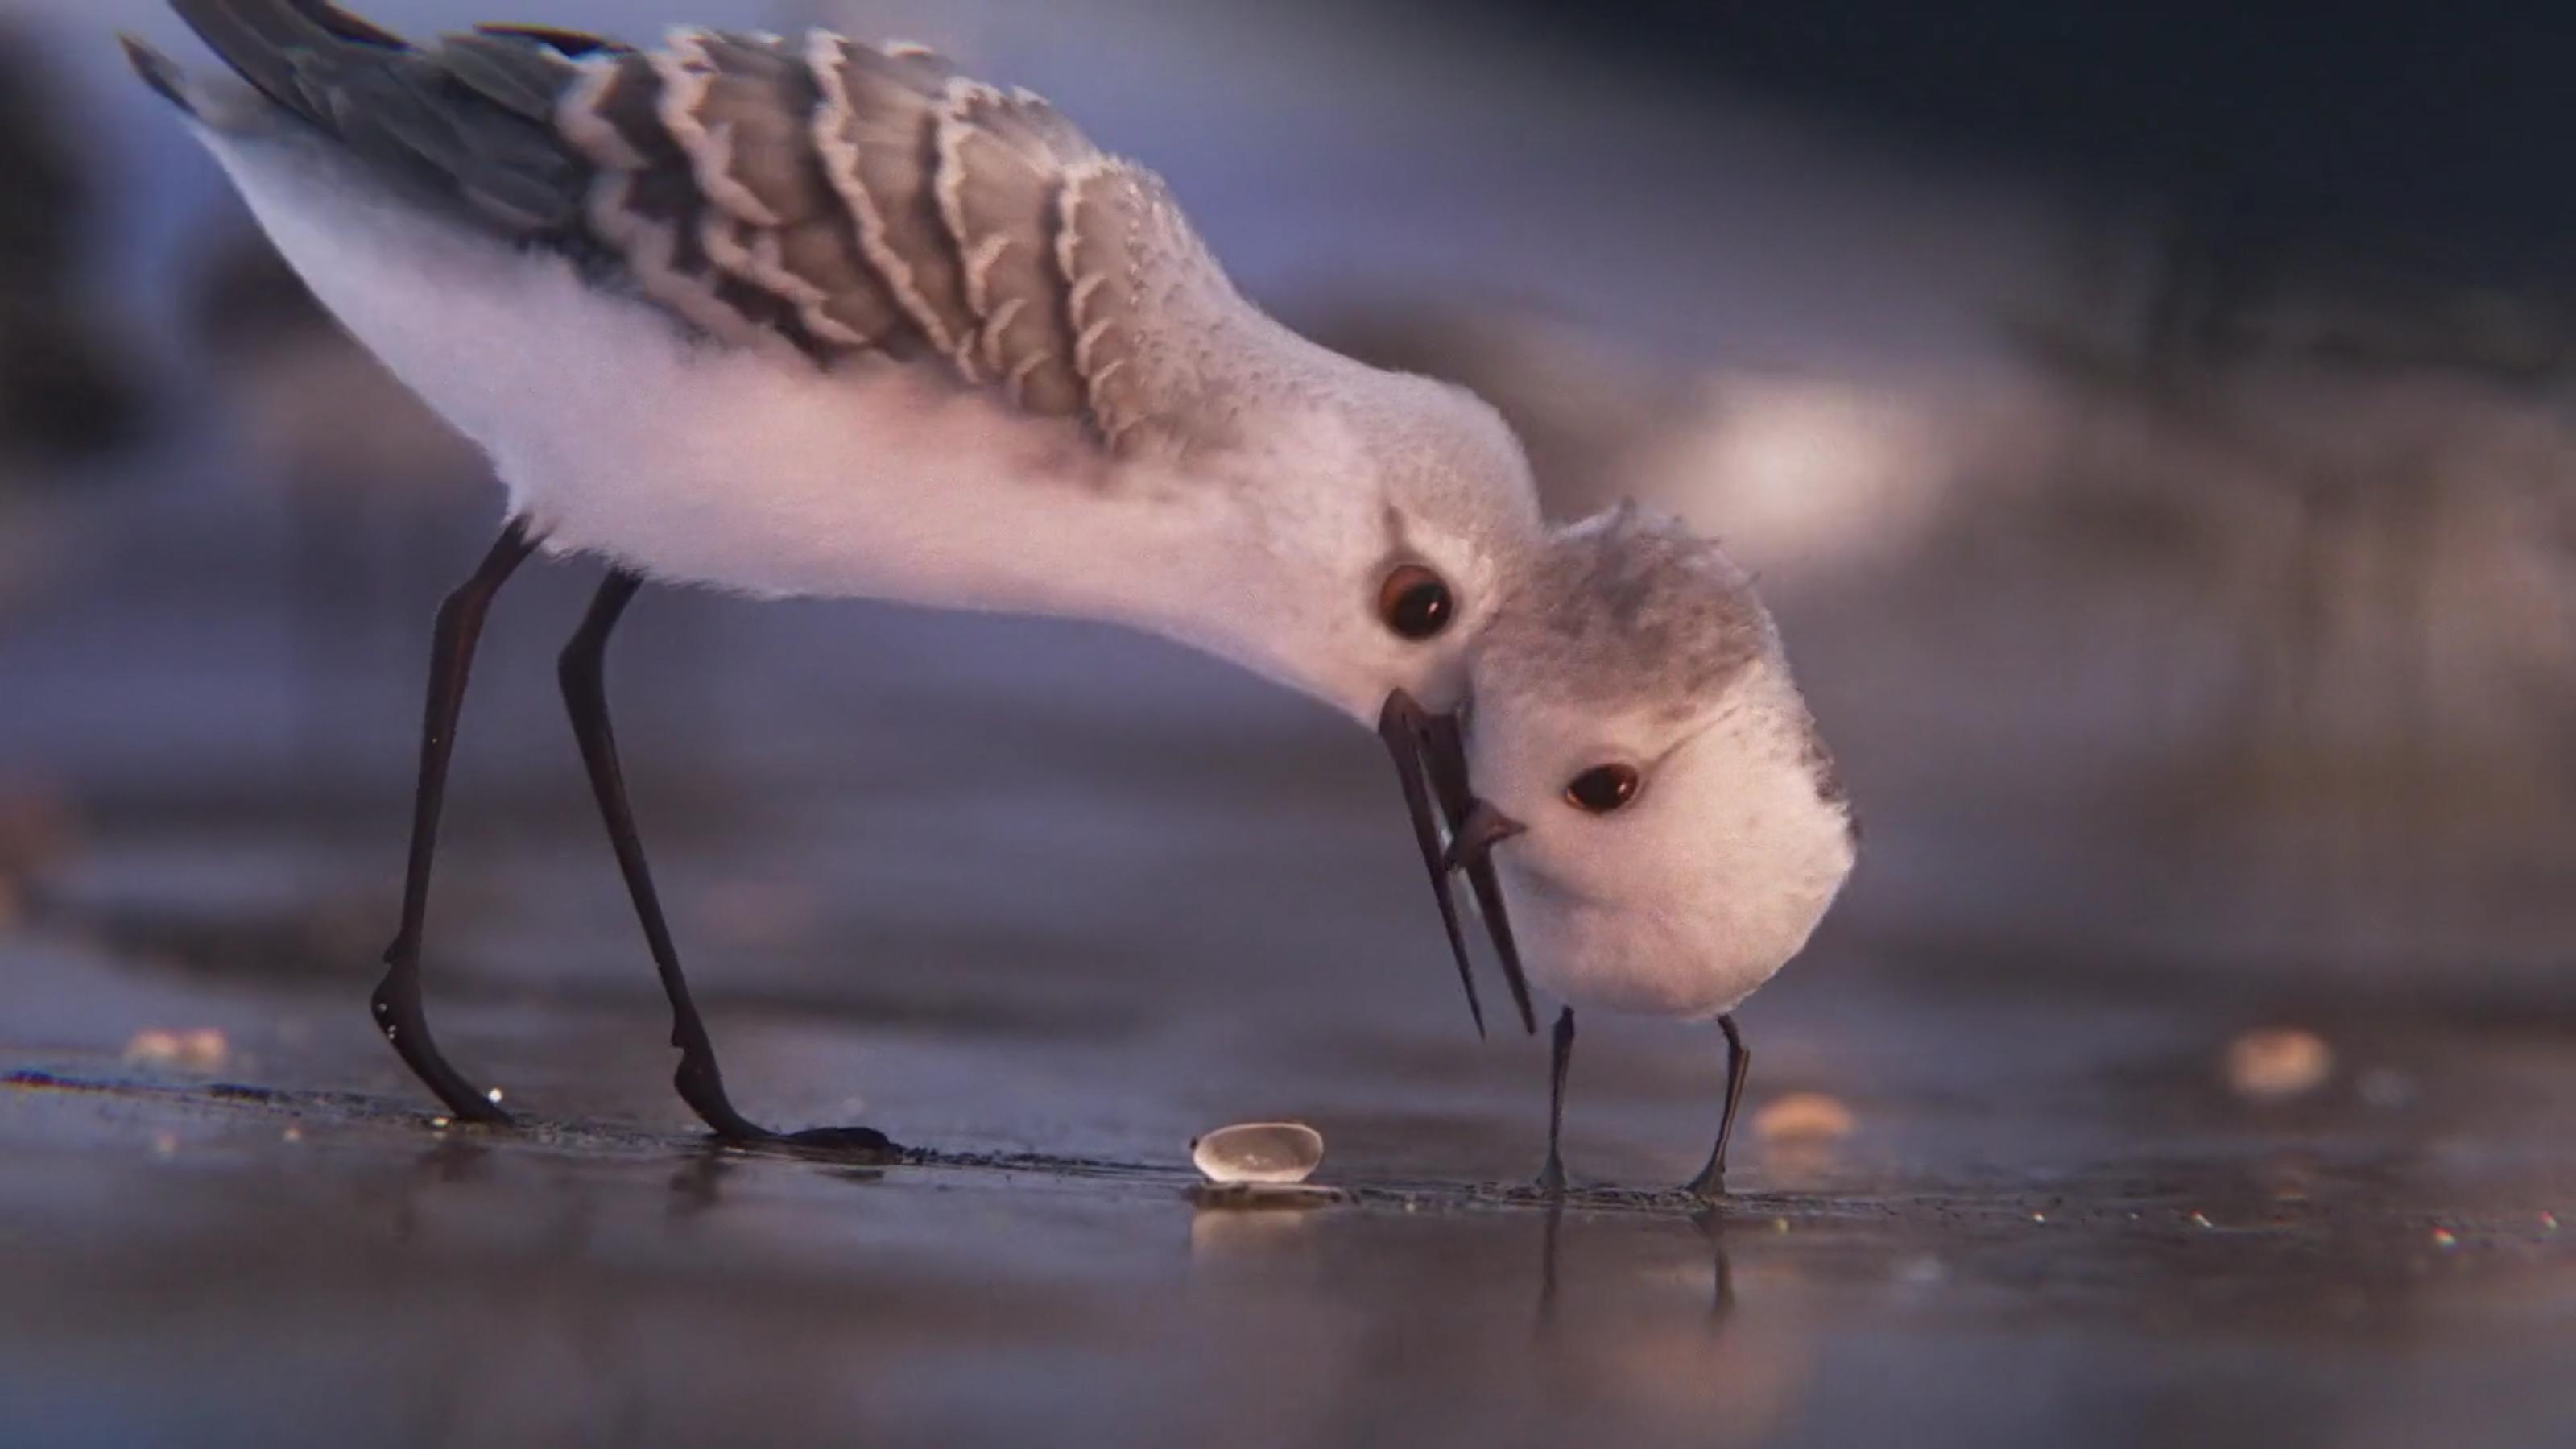 Pixar'dan yepyeni kısa film: Piper